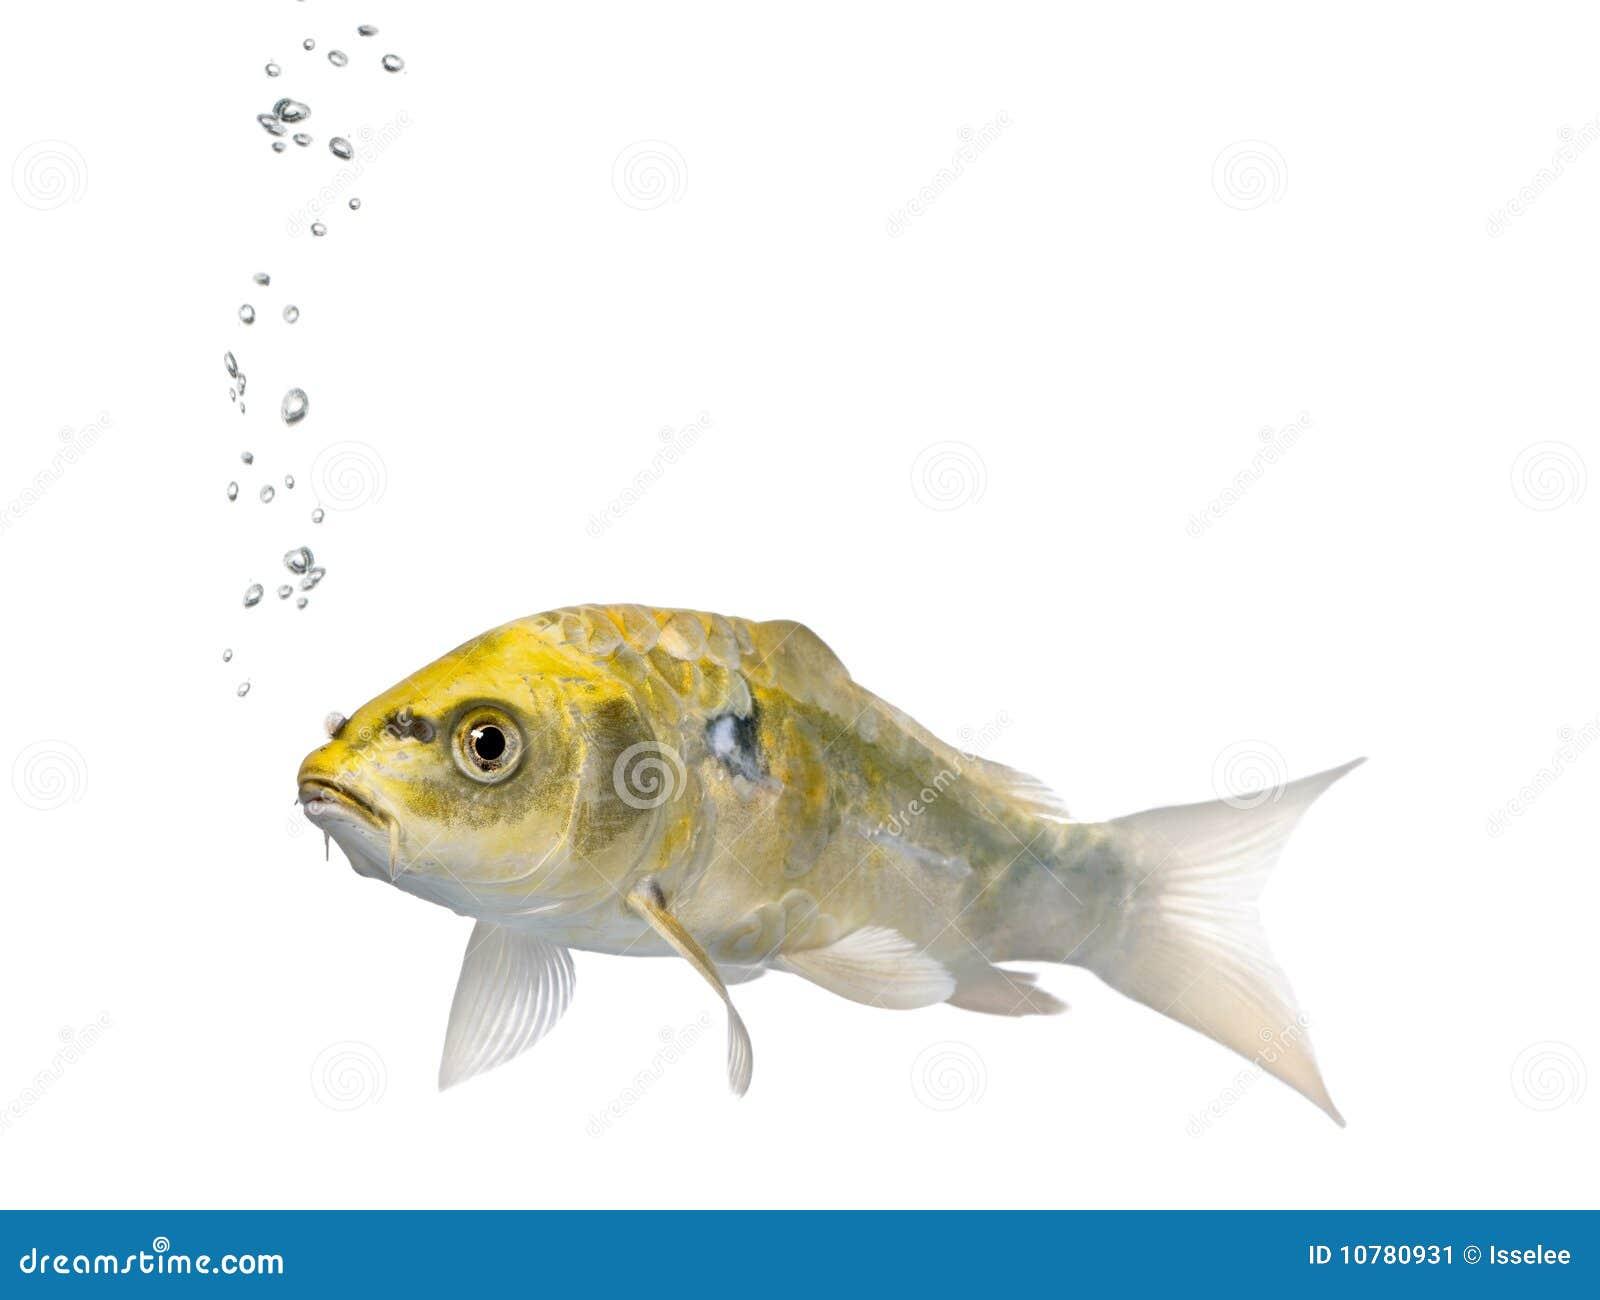 Groß Fische Zum Färben Zeitgenössisch - Malvorlagen Von Tieren ...